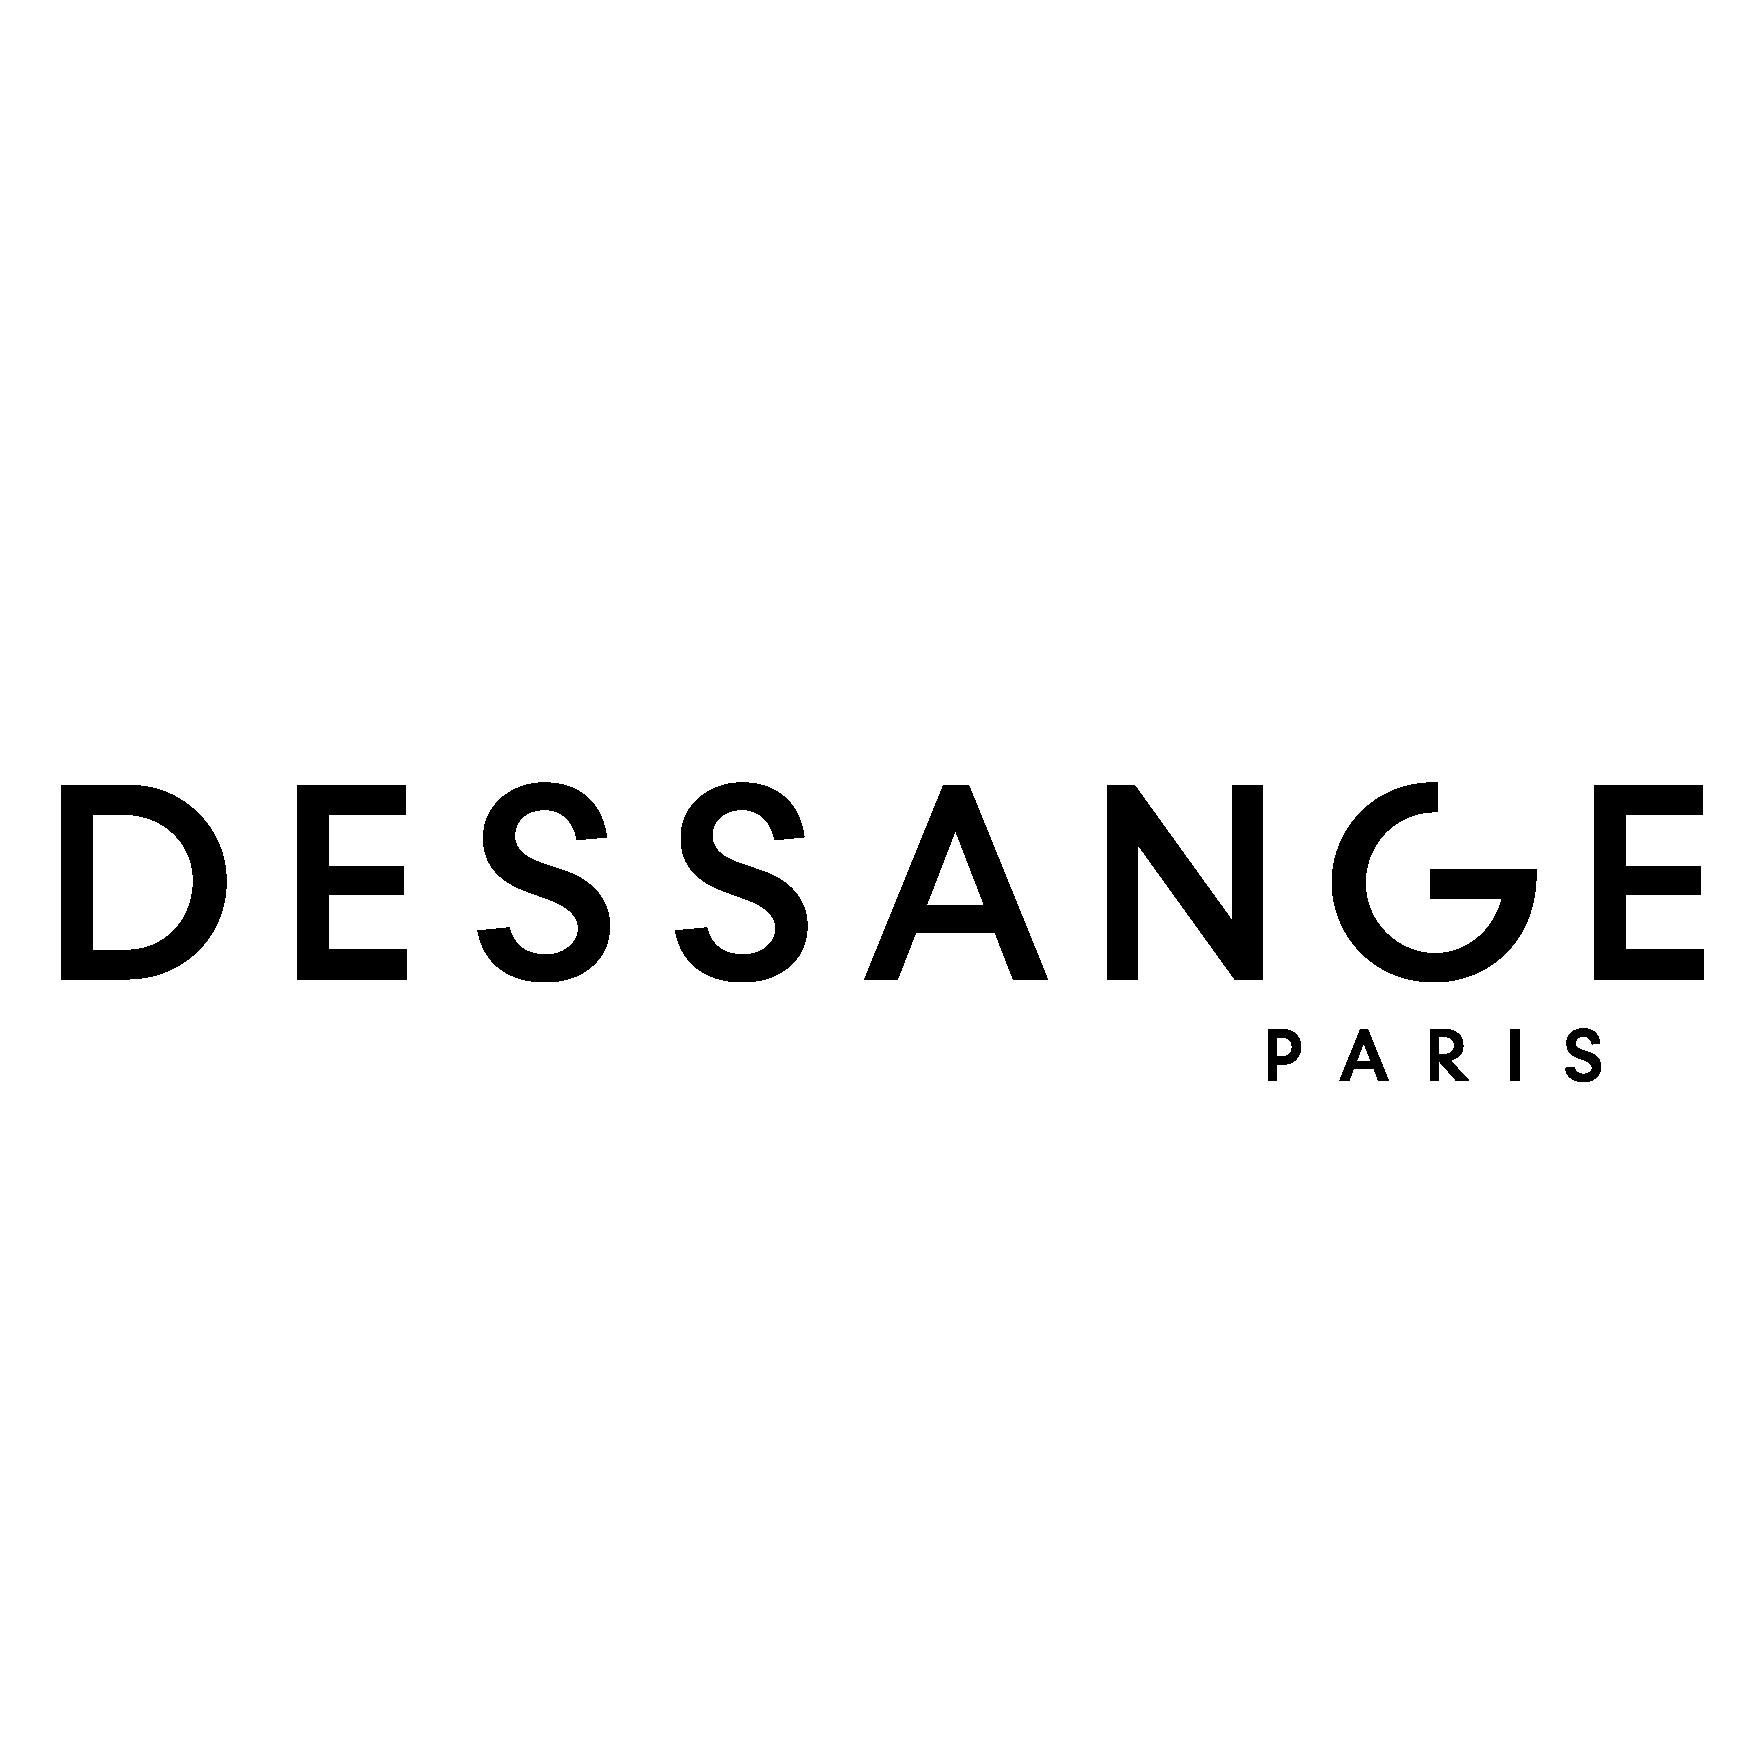 сувенирная продукция в Dessange, аксессуары